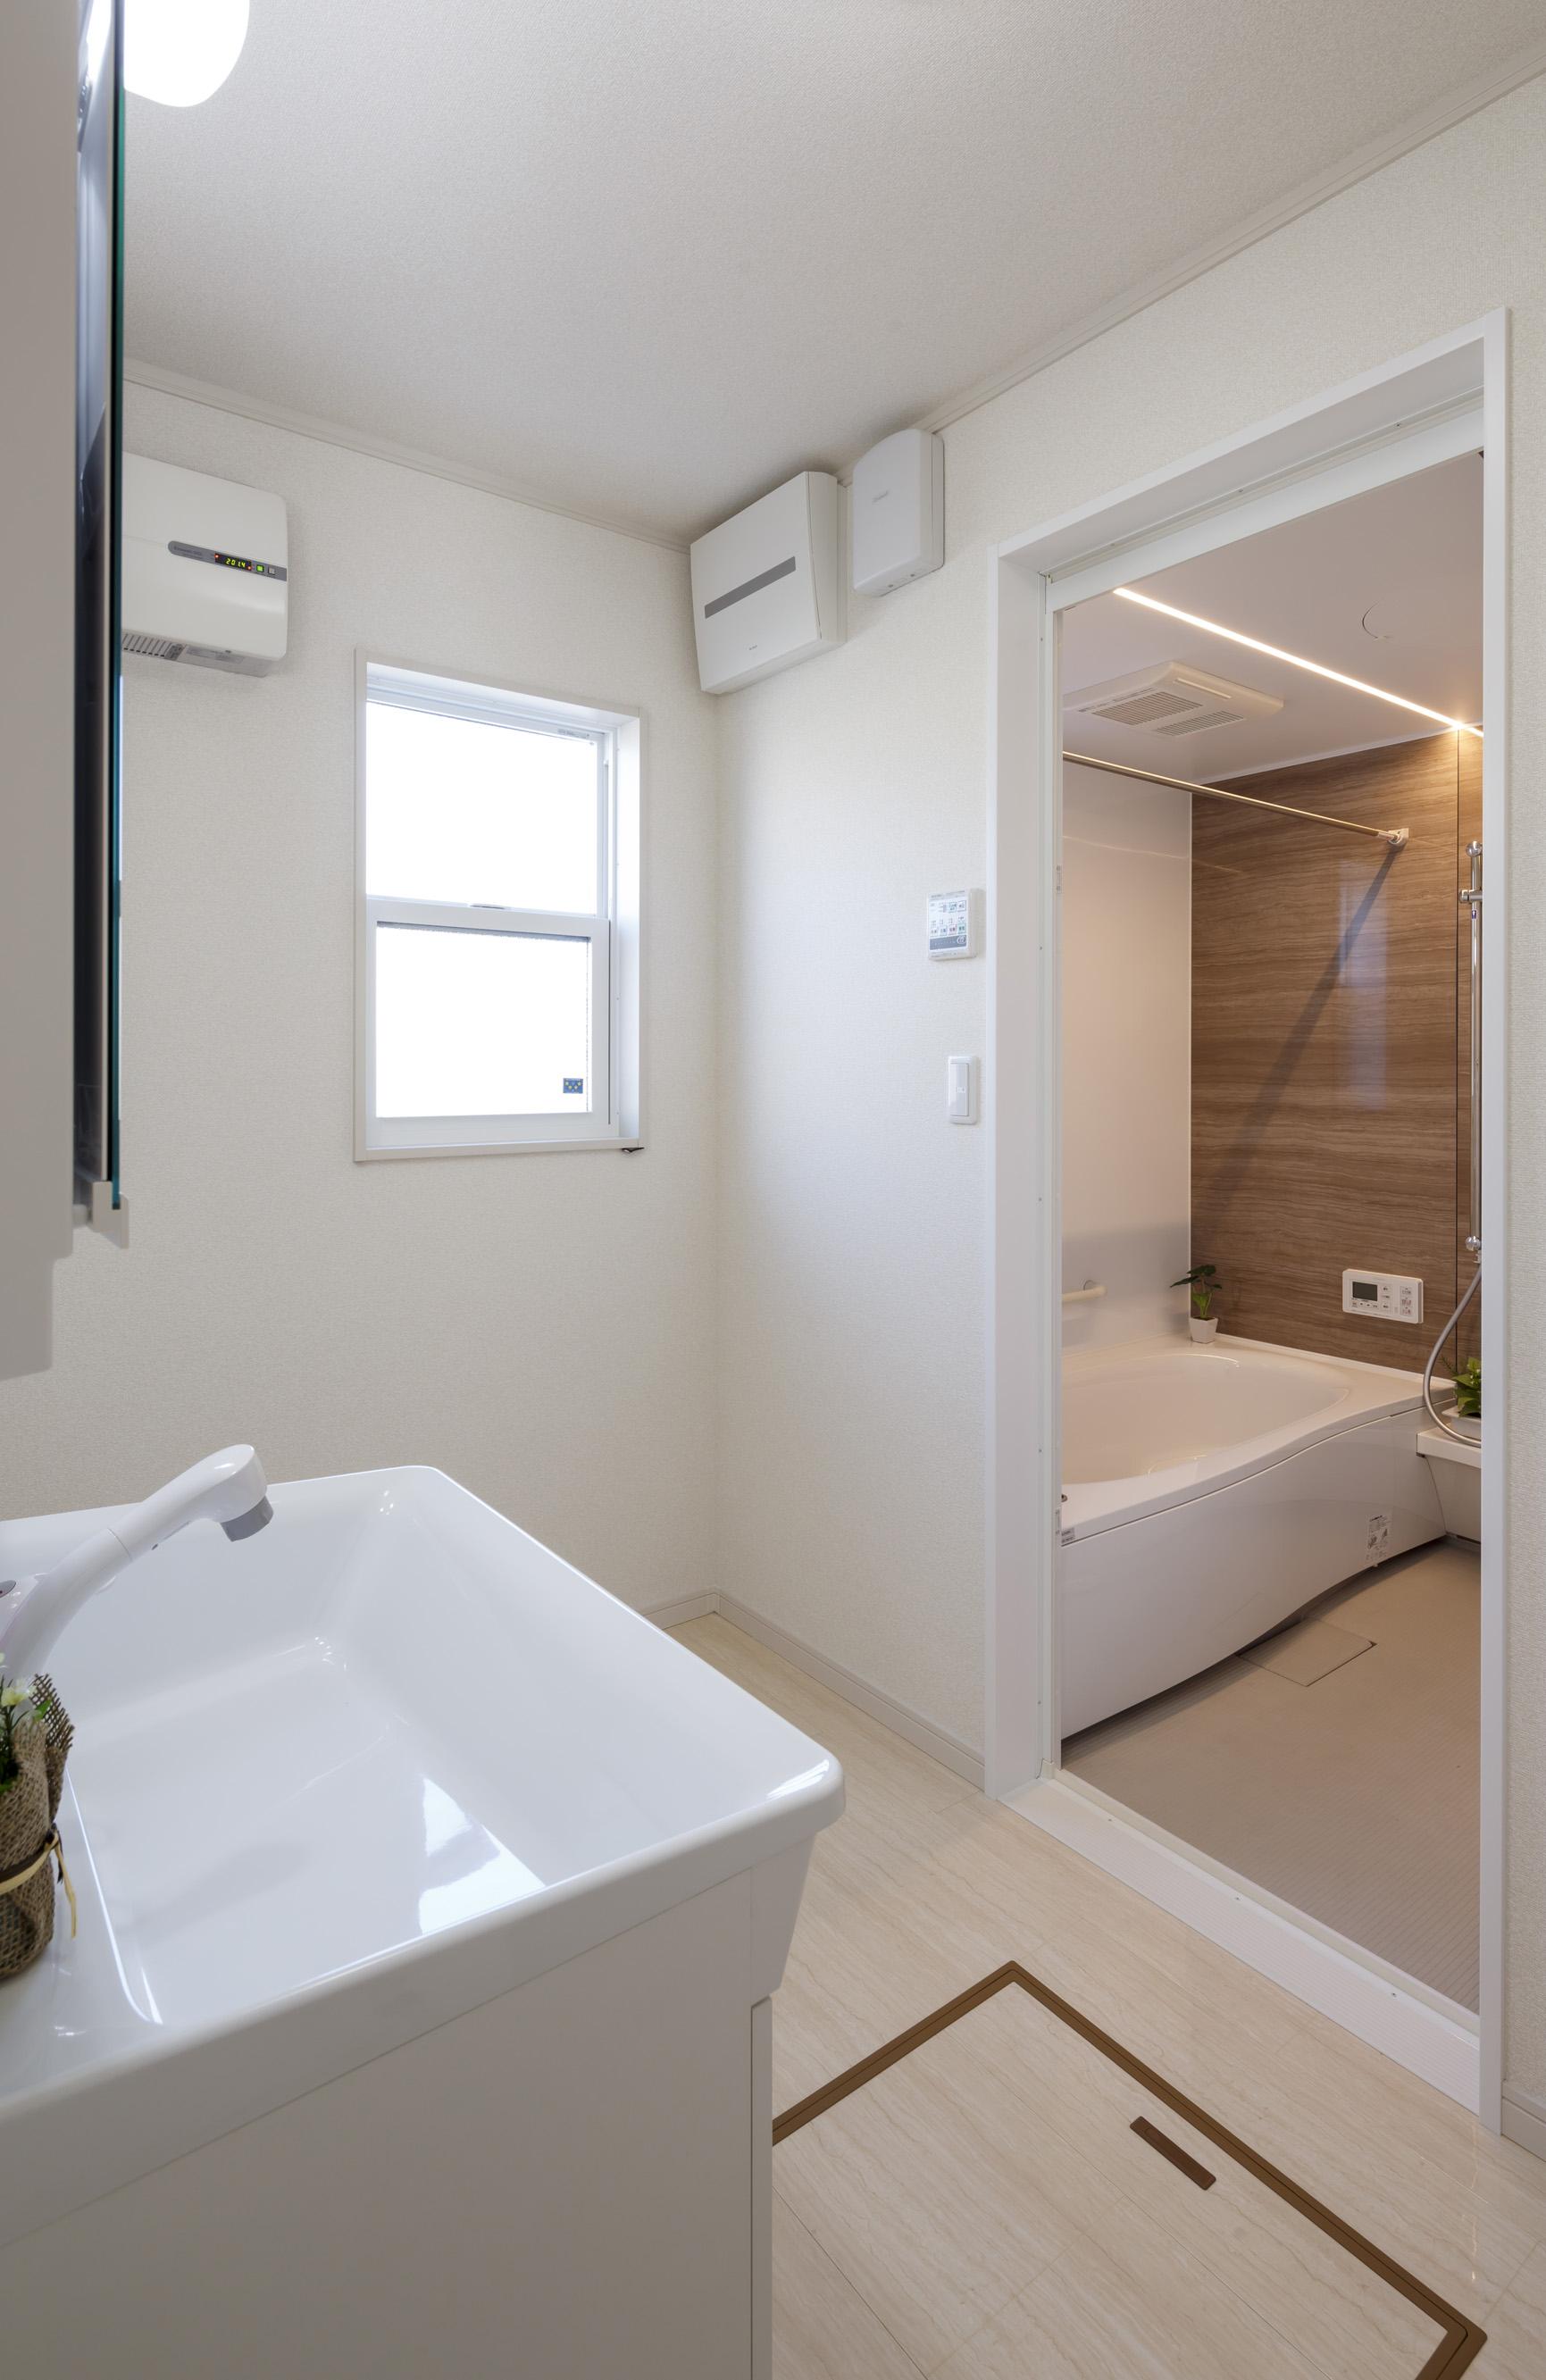 朝日住宅【収納力、省エネ、間取り】浴室にはPanasonicのエコソリューションズAWEを採用。浴室内の天井・壁・浴槽・床まで断熱するため、暖まるのが早く消費電力も少ない